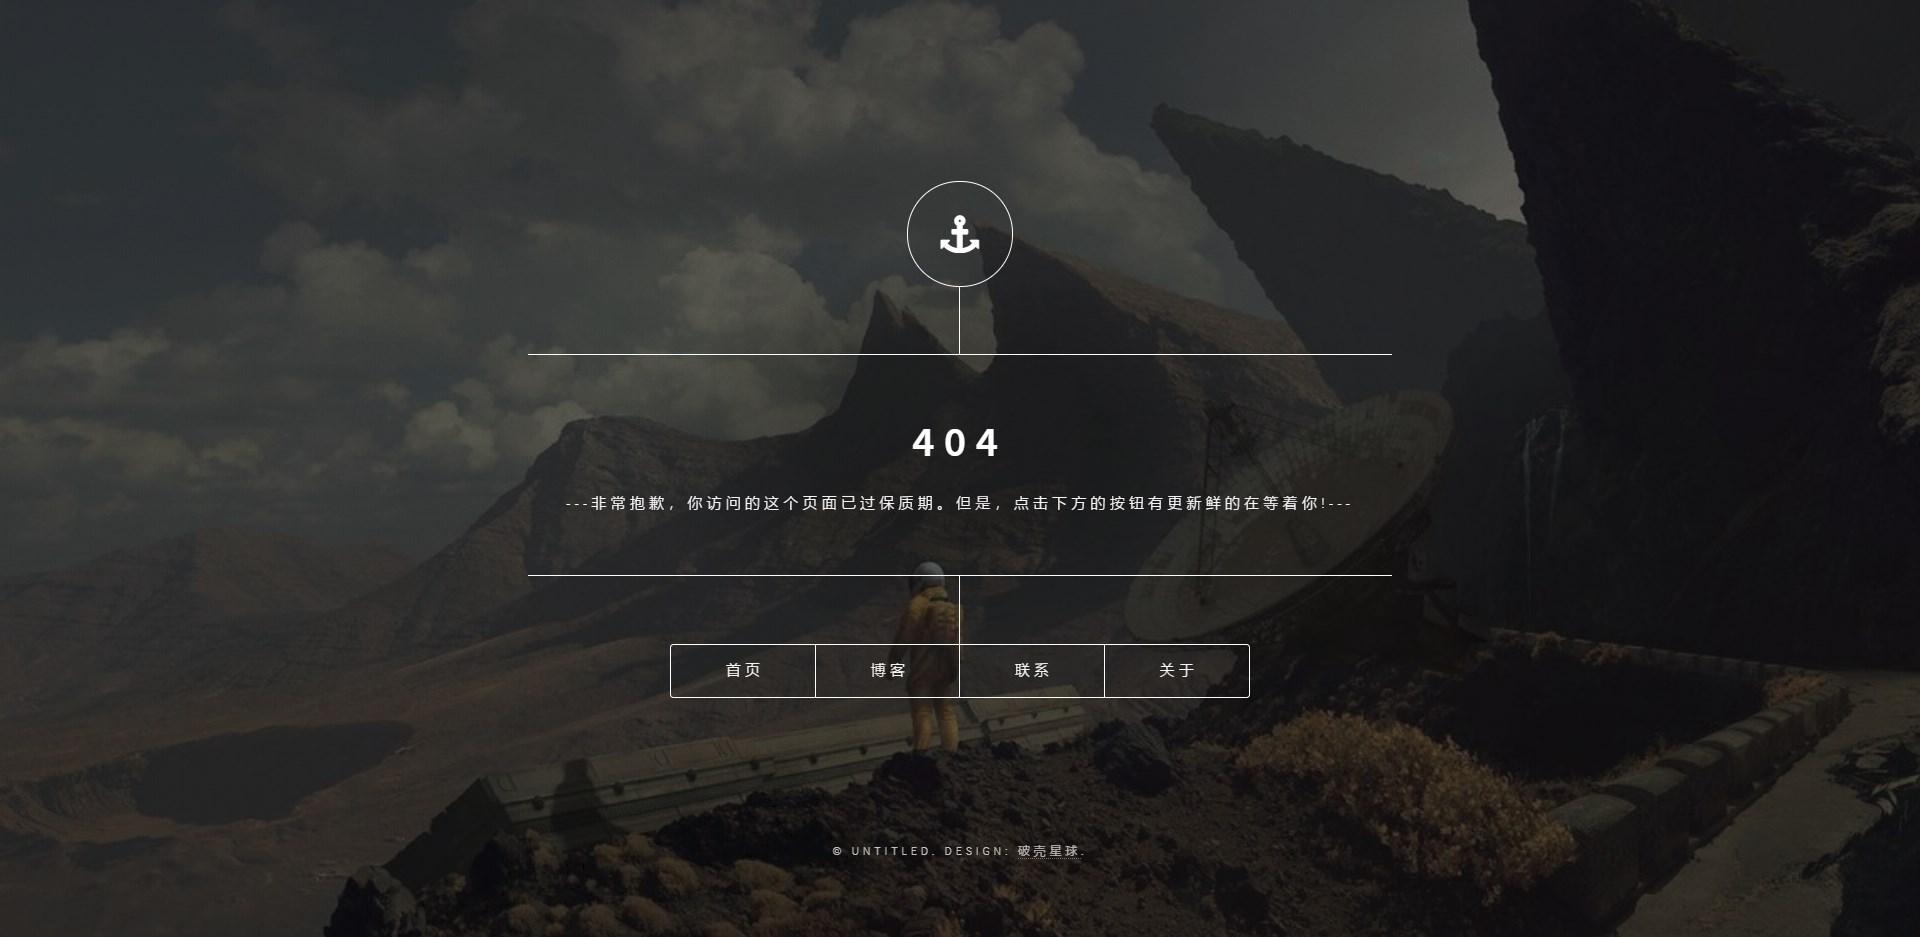 H5简约自适应404模板插图